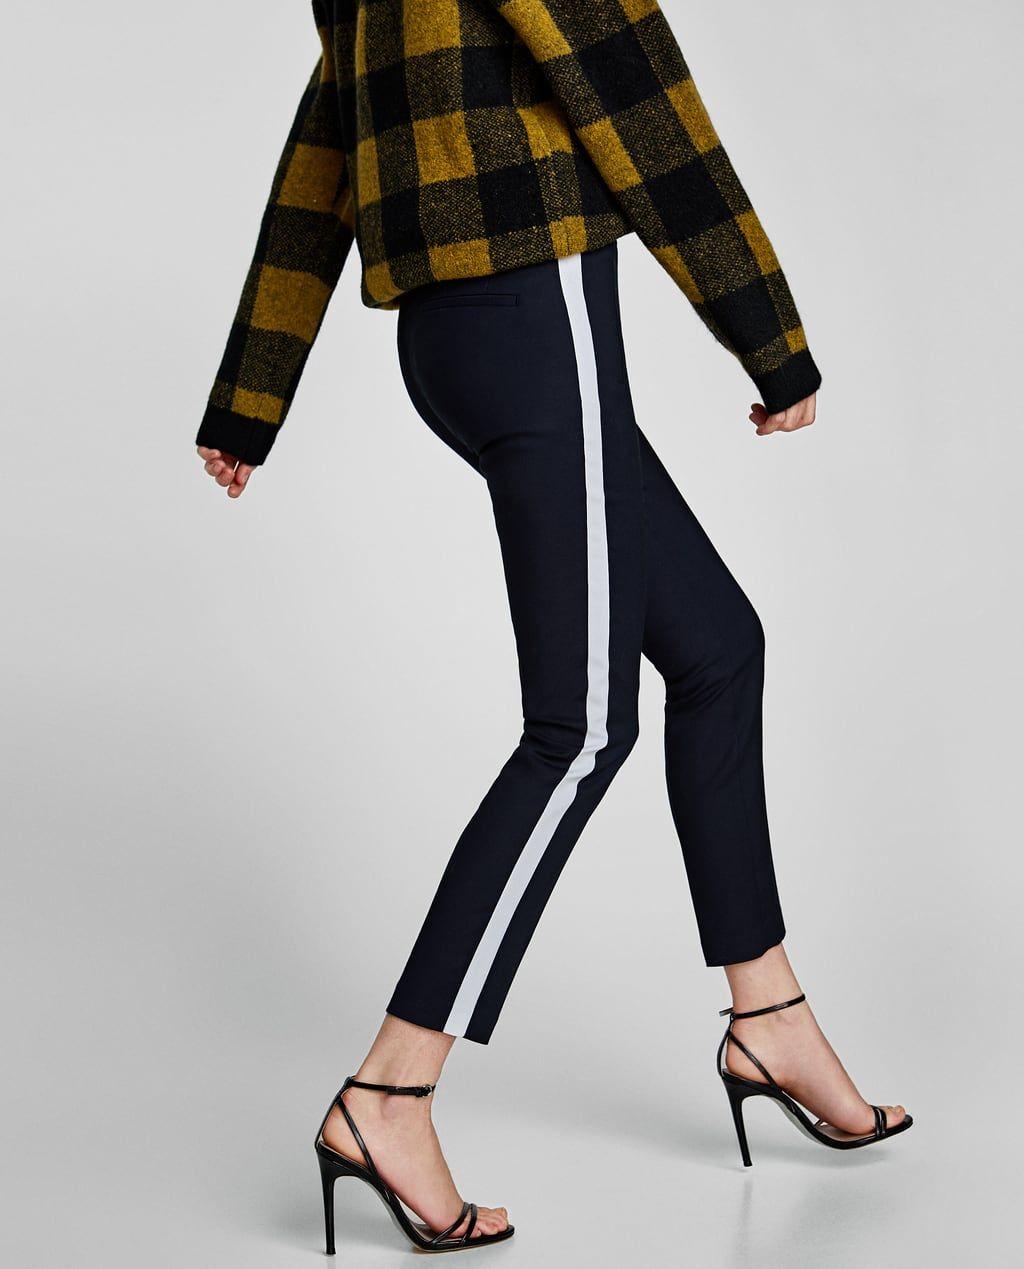 Hose Mit Seitlichem Streifen Mit Seitlichen Streifen Hosen Damen Zara Deutschland Hosen Damen Gestreifte Hose Hosen